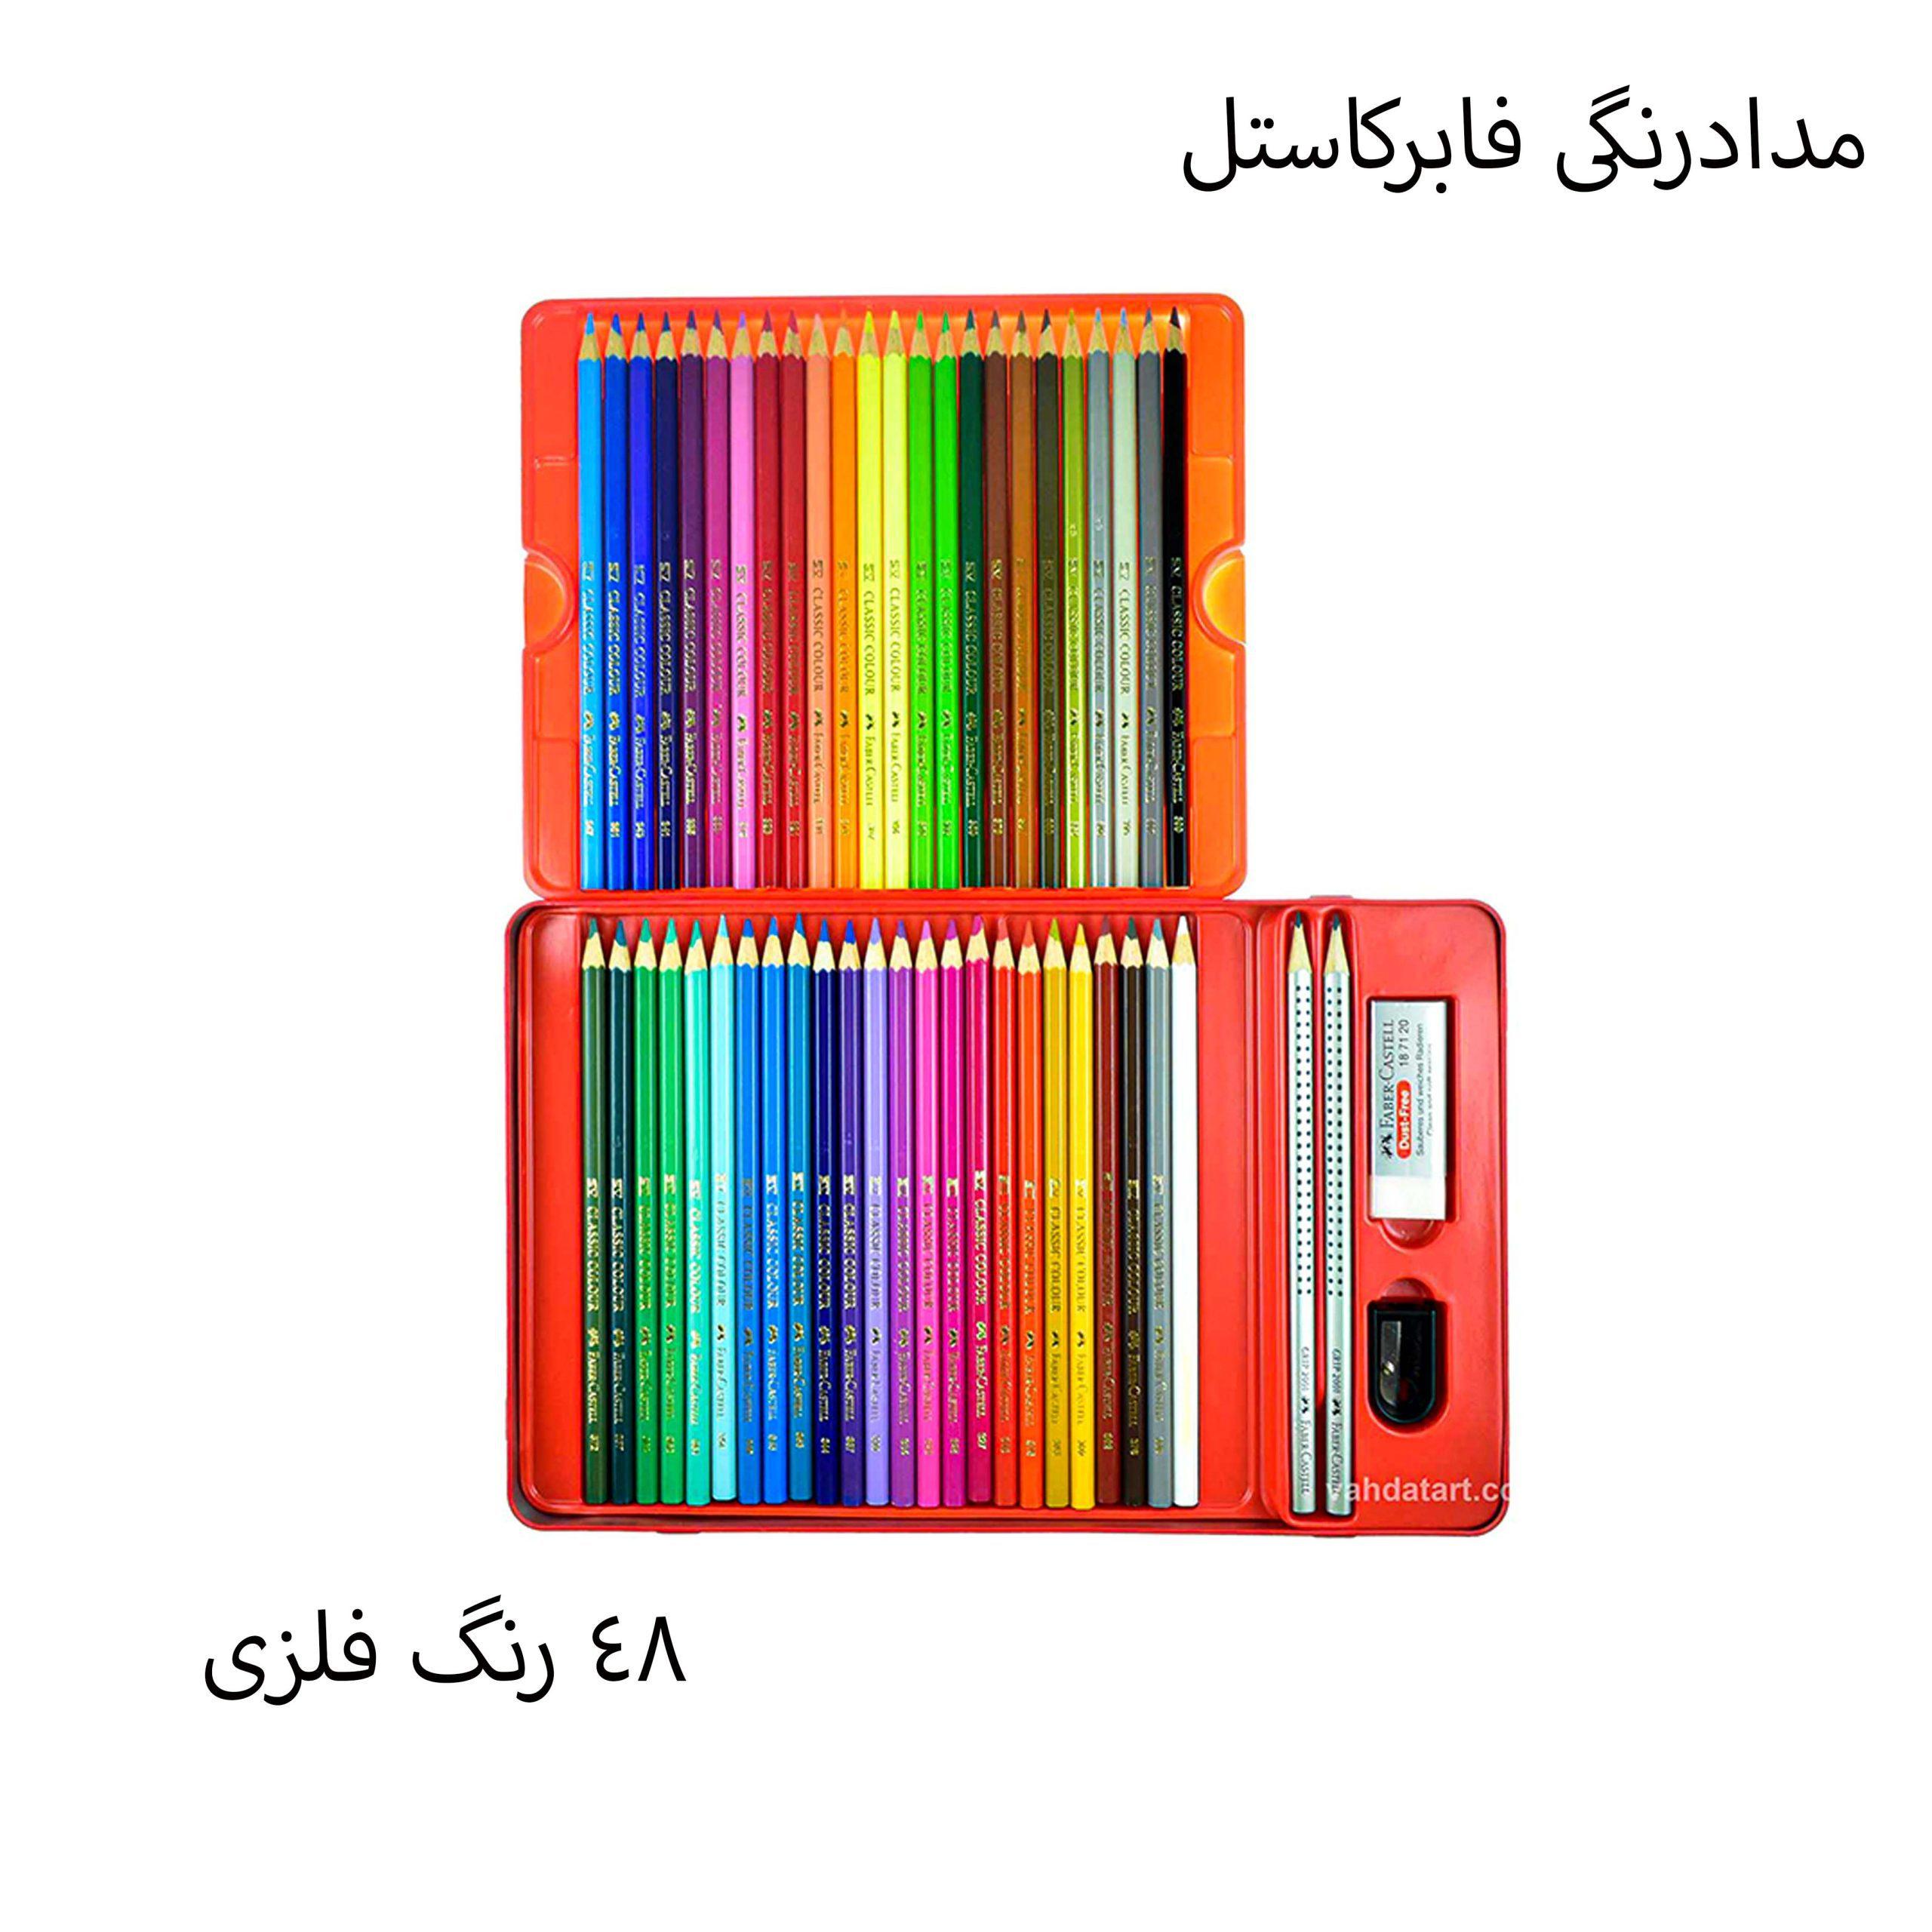 رنگی 48 رنگ فلزی فابرکاستل 1 1 2560x2560 - Home Drinks